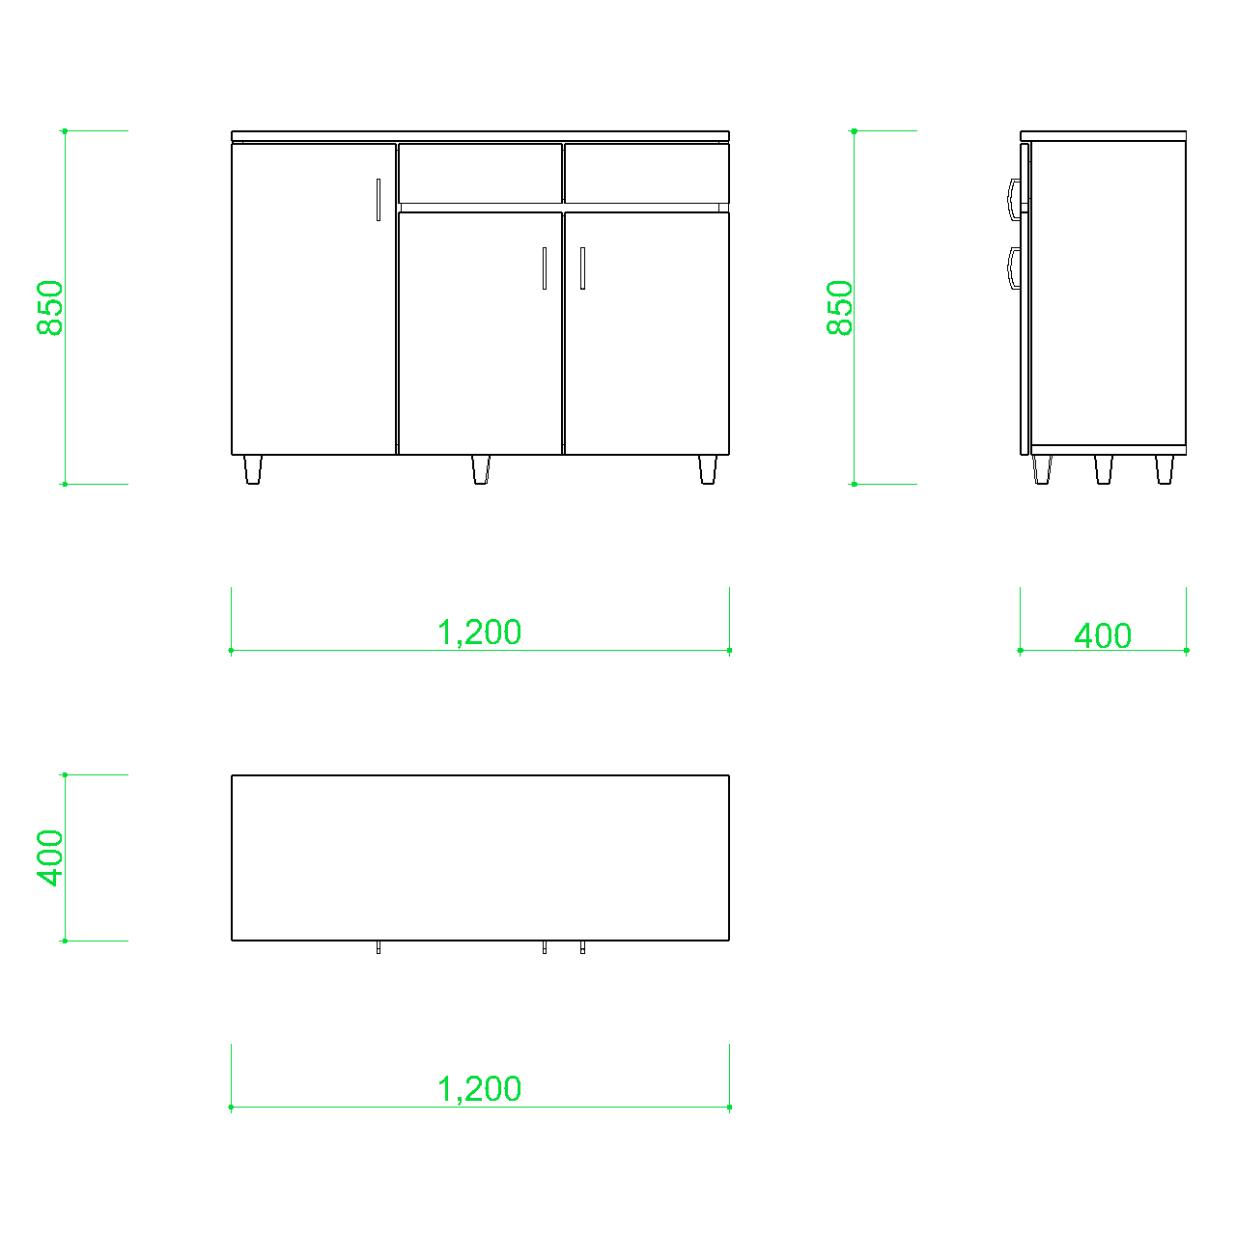 リビングボードの2DCAD部品丨インテリア 家具 寸法丨無料 商用可能 フリー素材 フリーデータ AUTOCAD DWG DXF